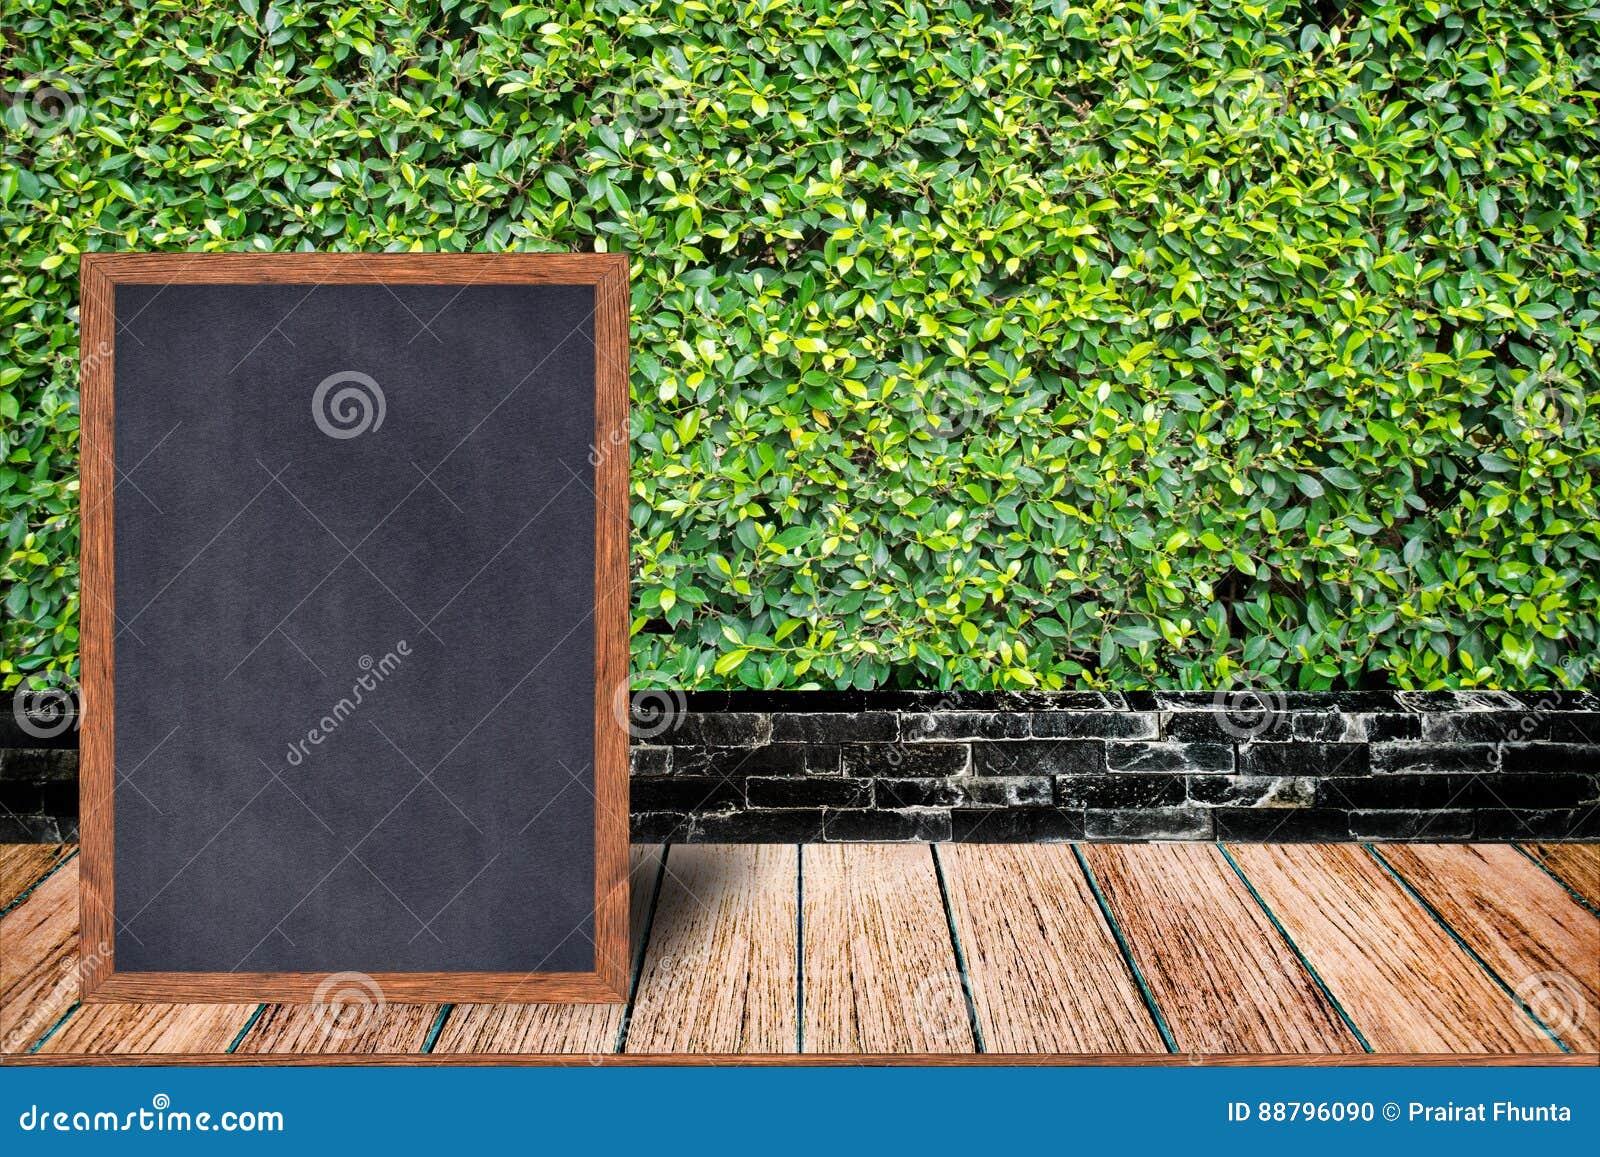 黑板木框架、黑板标志菜单在木桌上和草围住背景